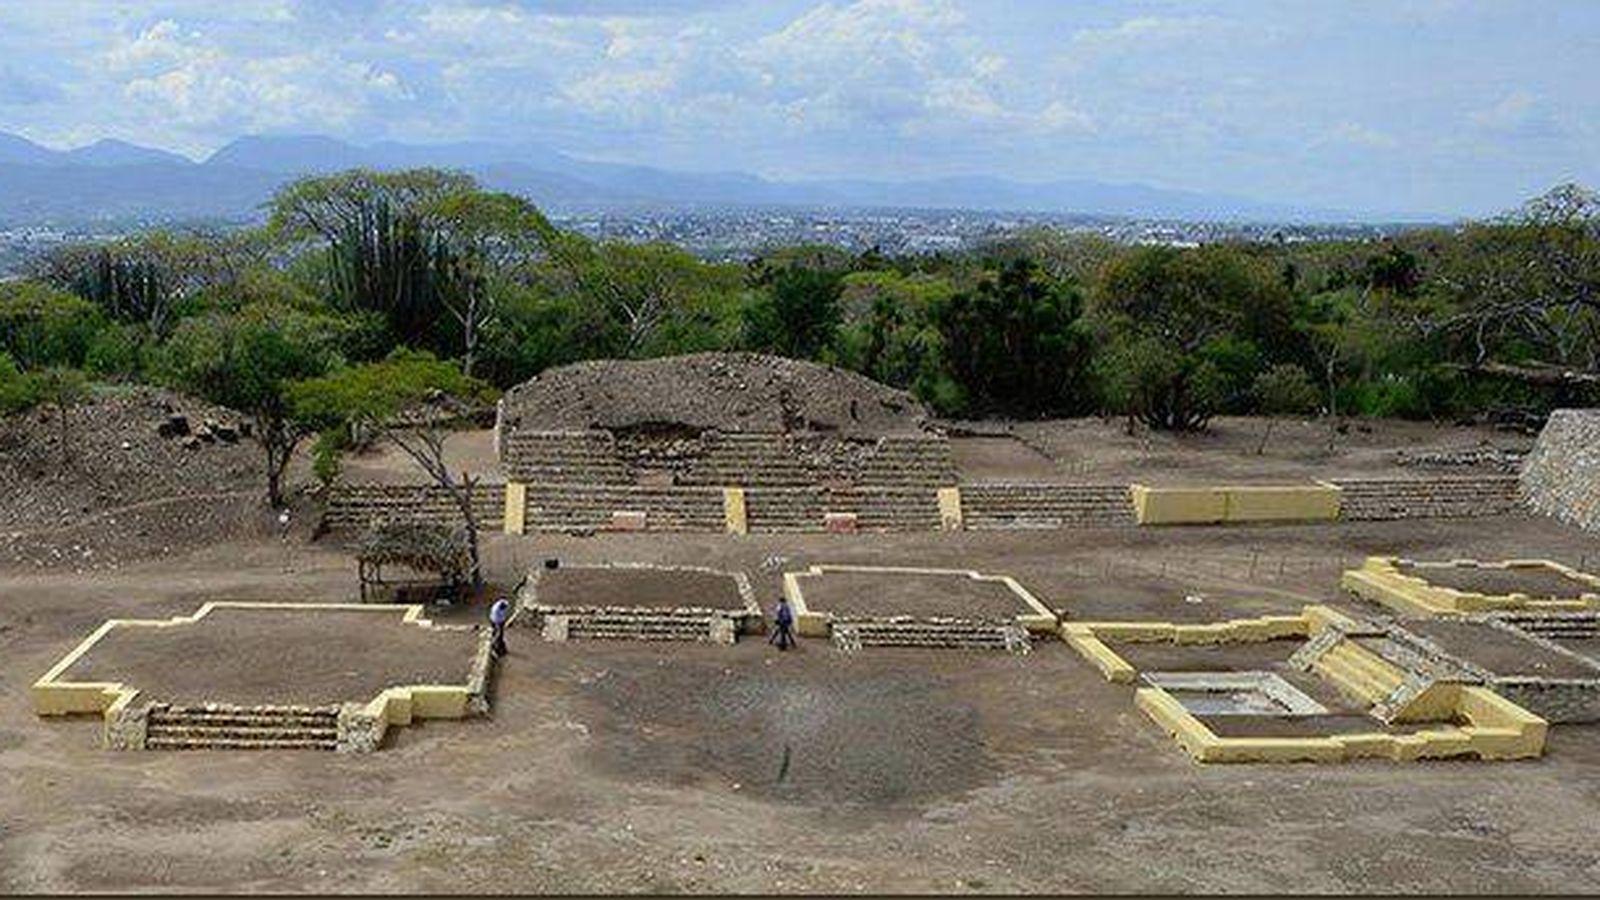 Foto: Foto: Instituto Nacional de Antropología e Historia de México.